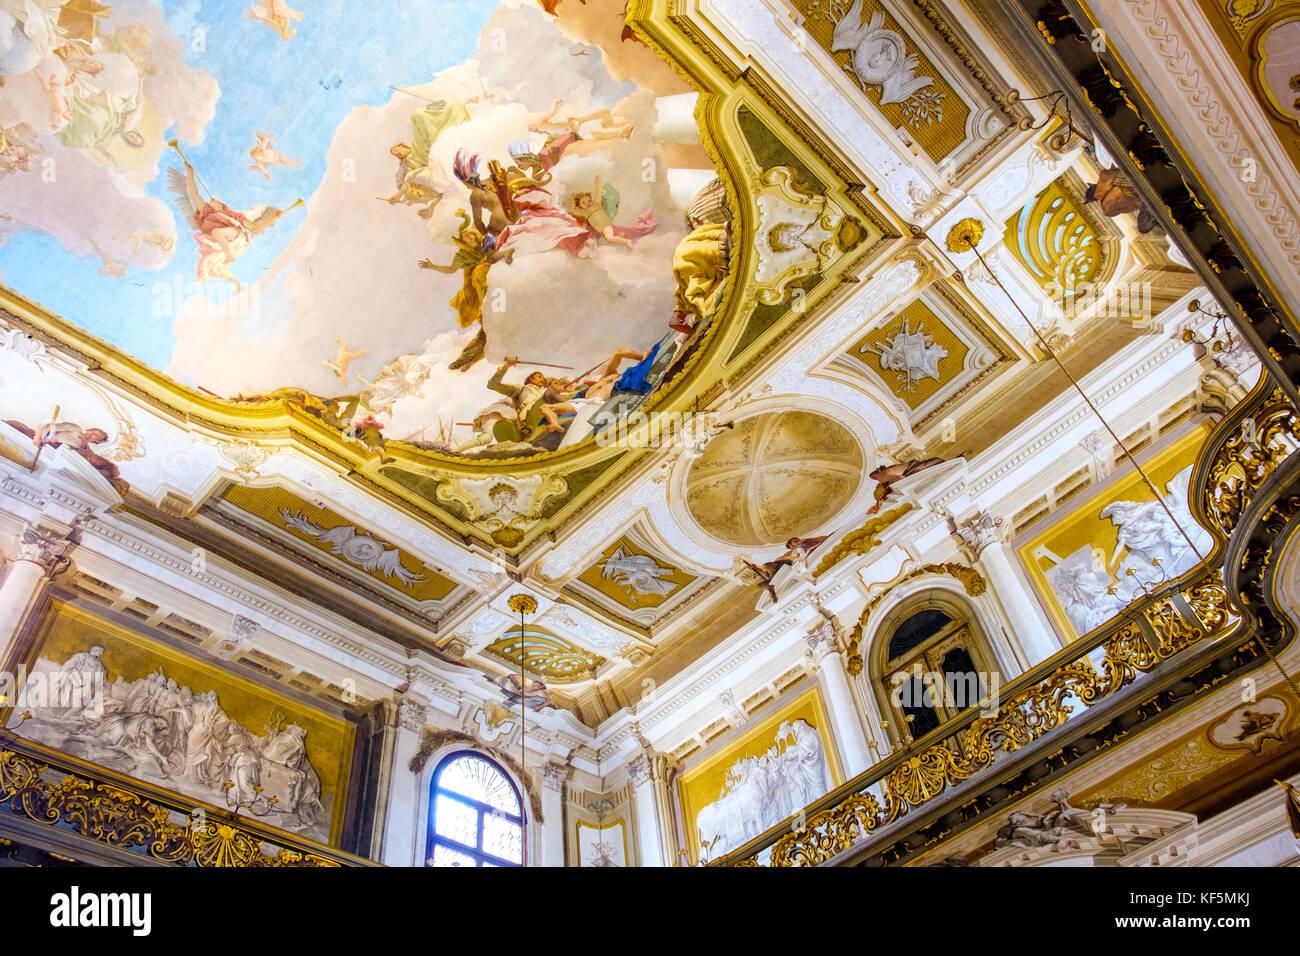 Interni Di Villa Pisani : Gli interni di villa pisani di affreschi a soffitto dorato con